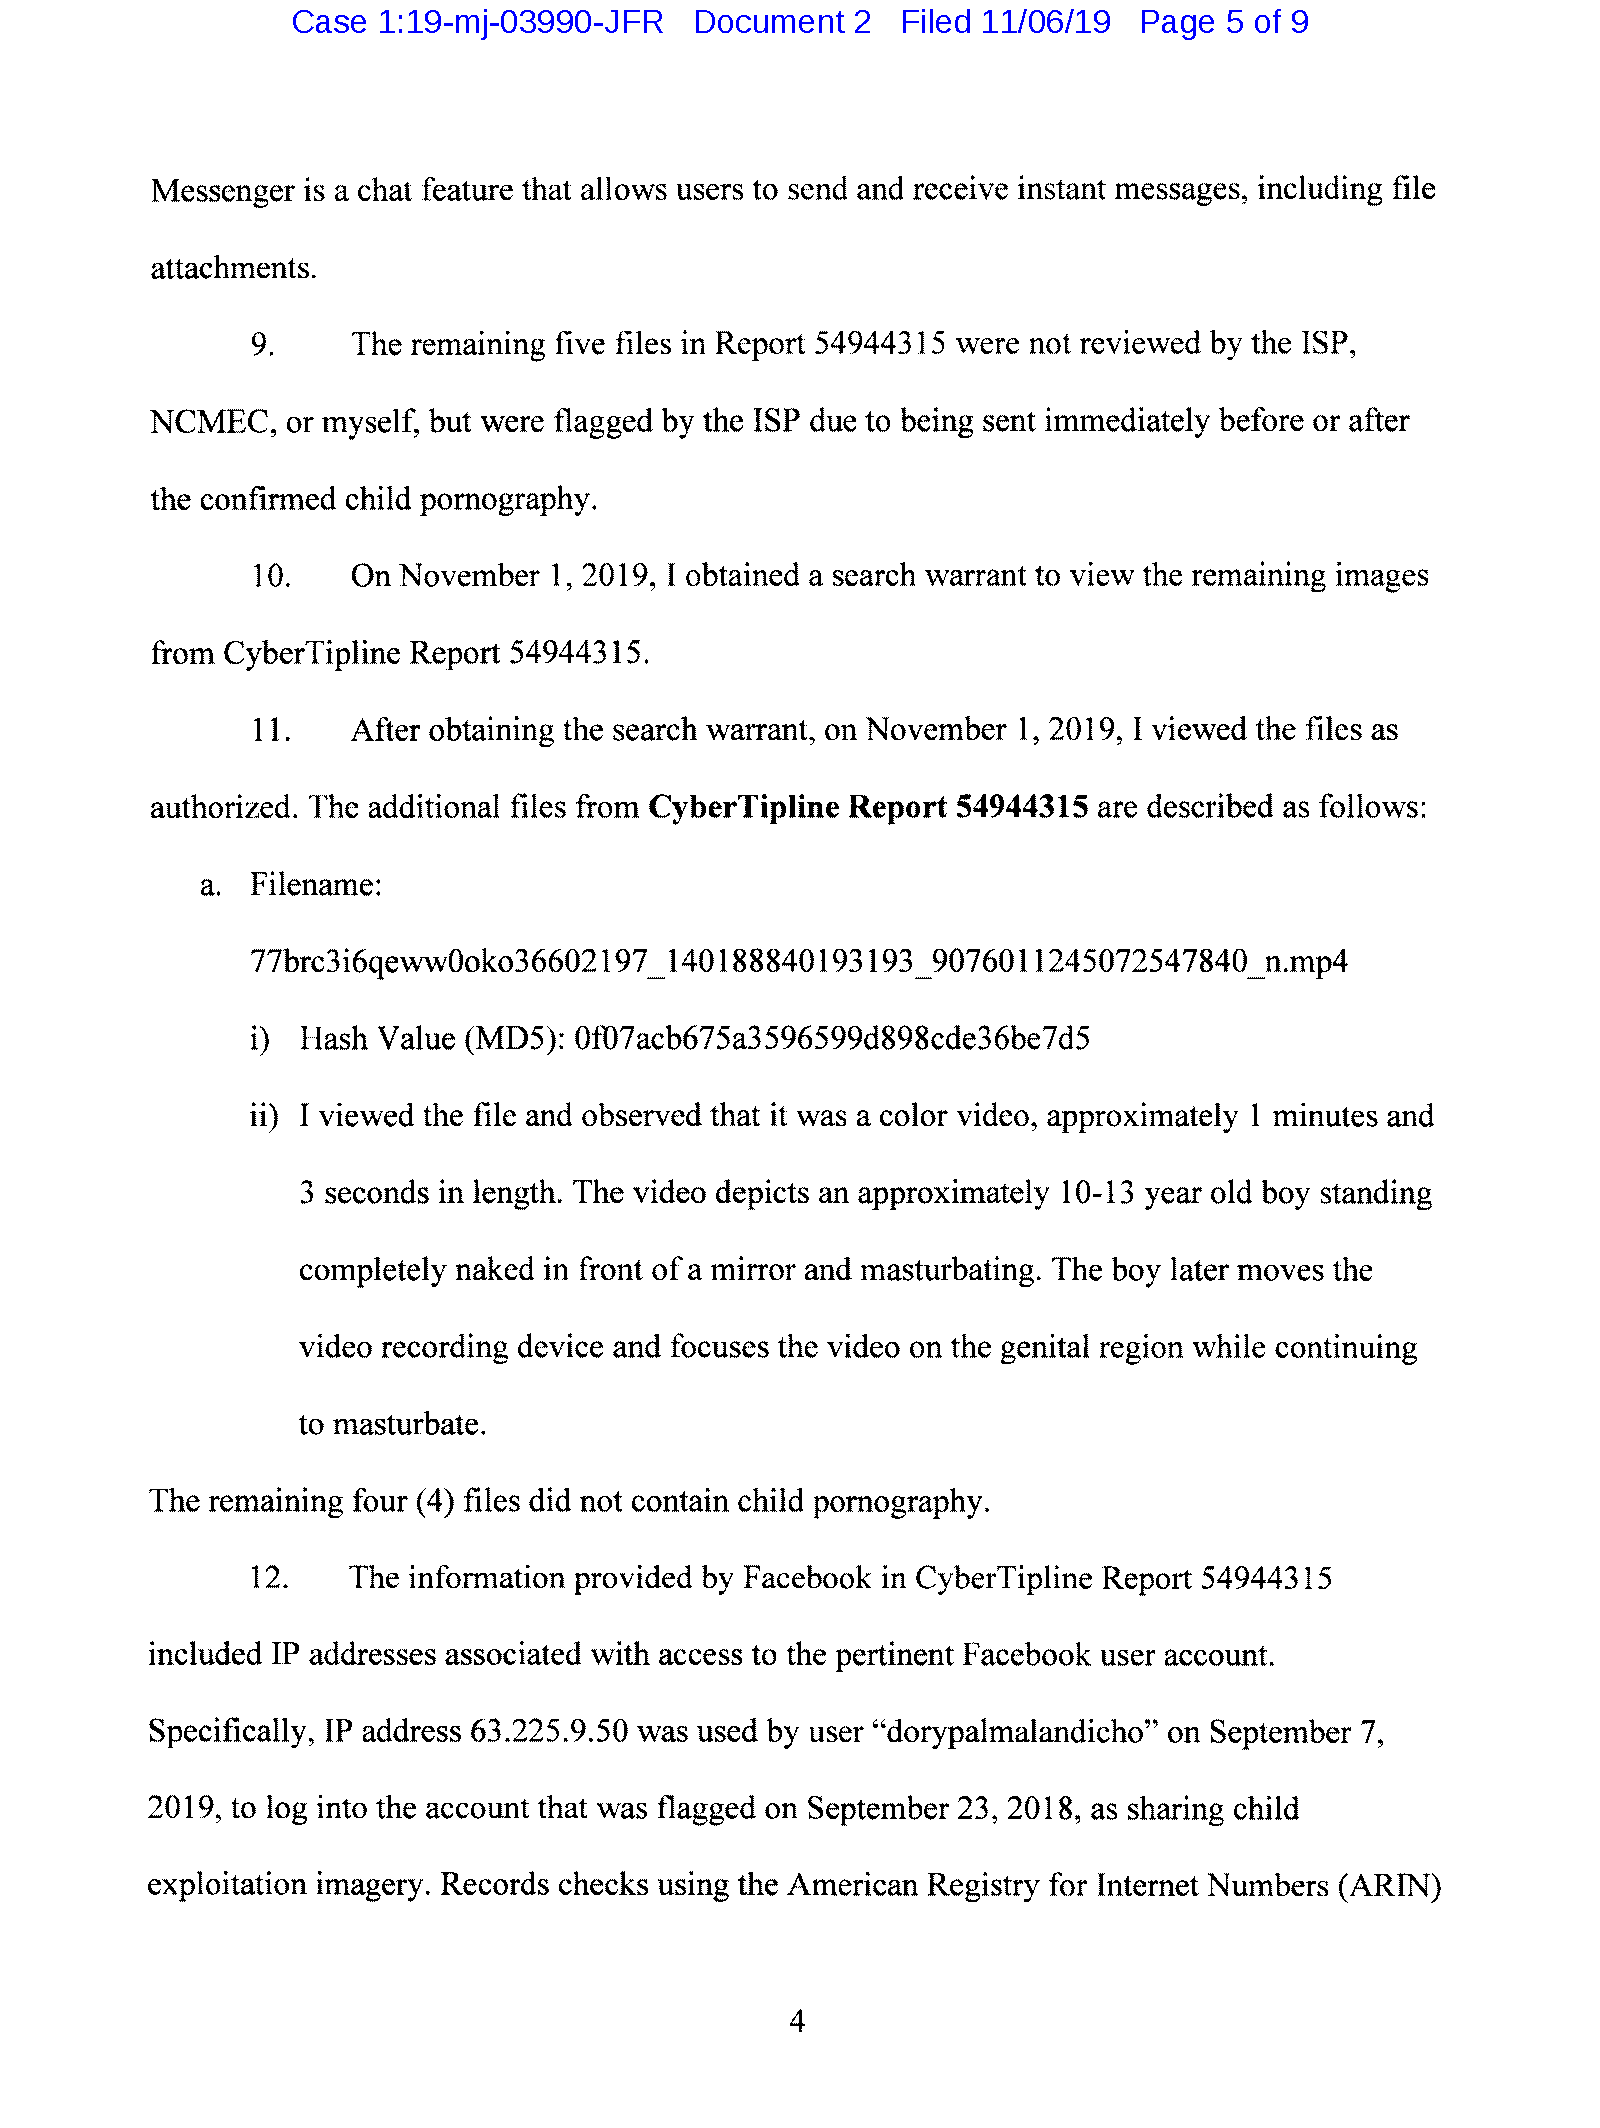 Copy of Complaint5.png